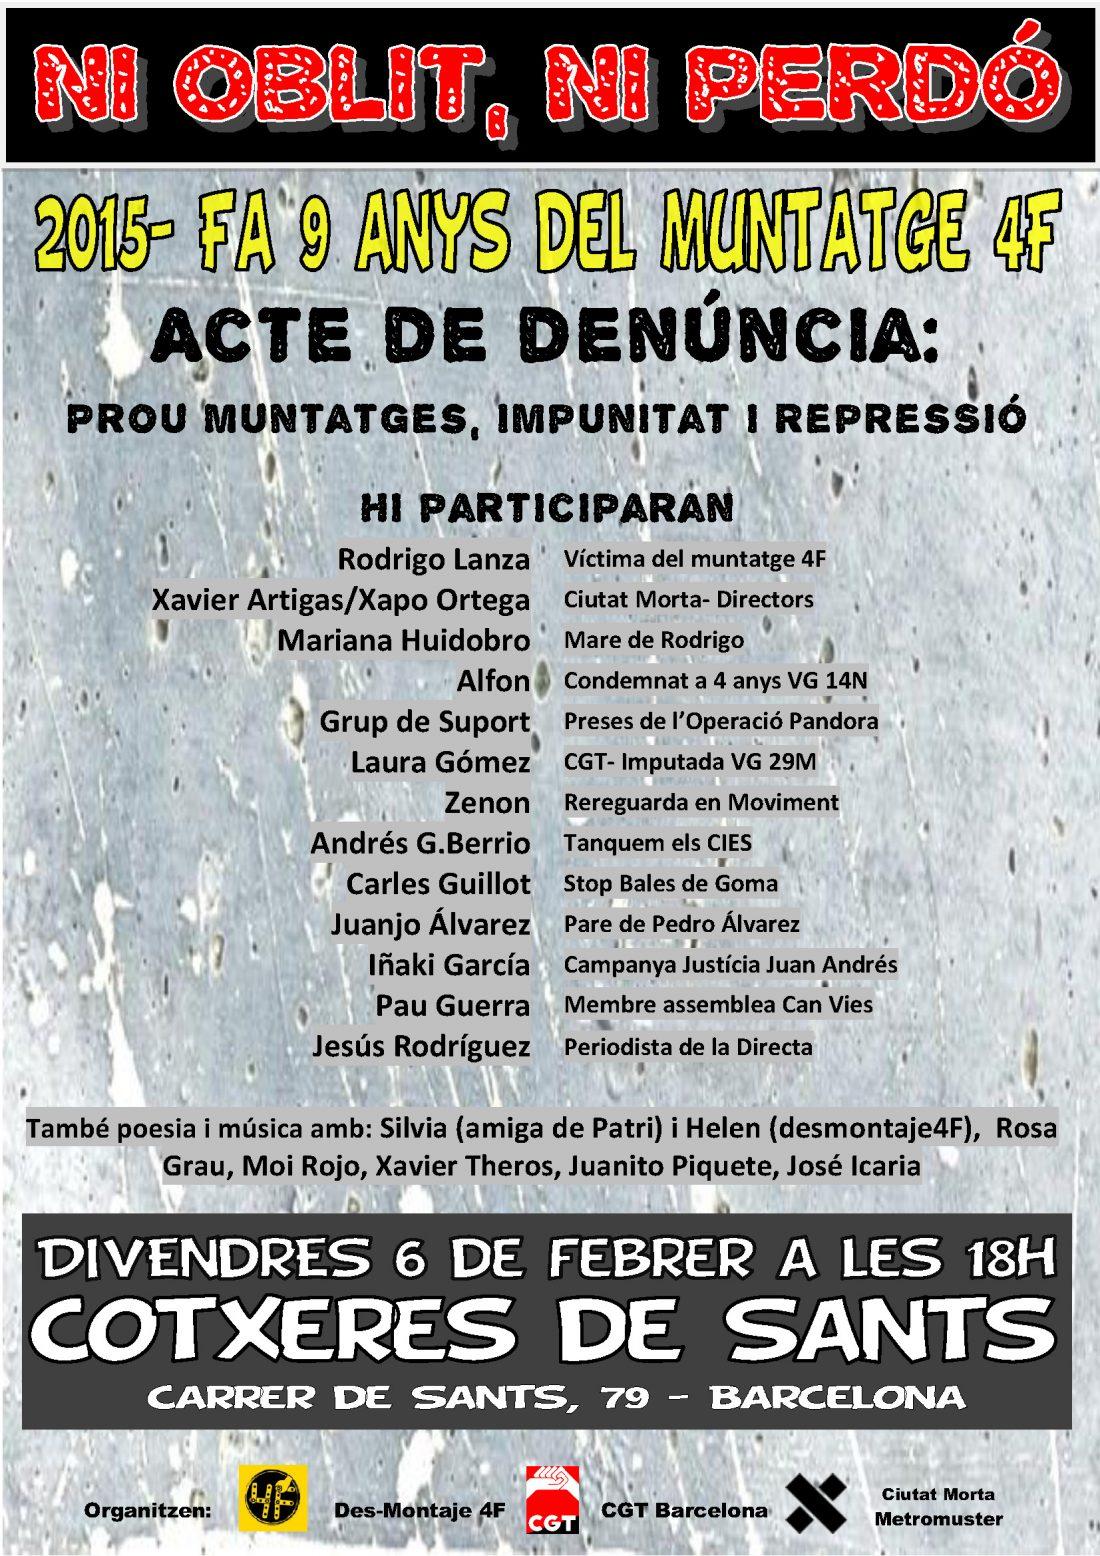 Acto antirrepresivo en Barcelonan el 6 de febrero